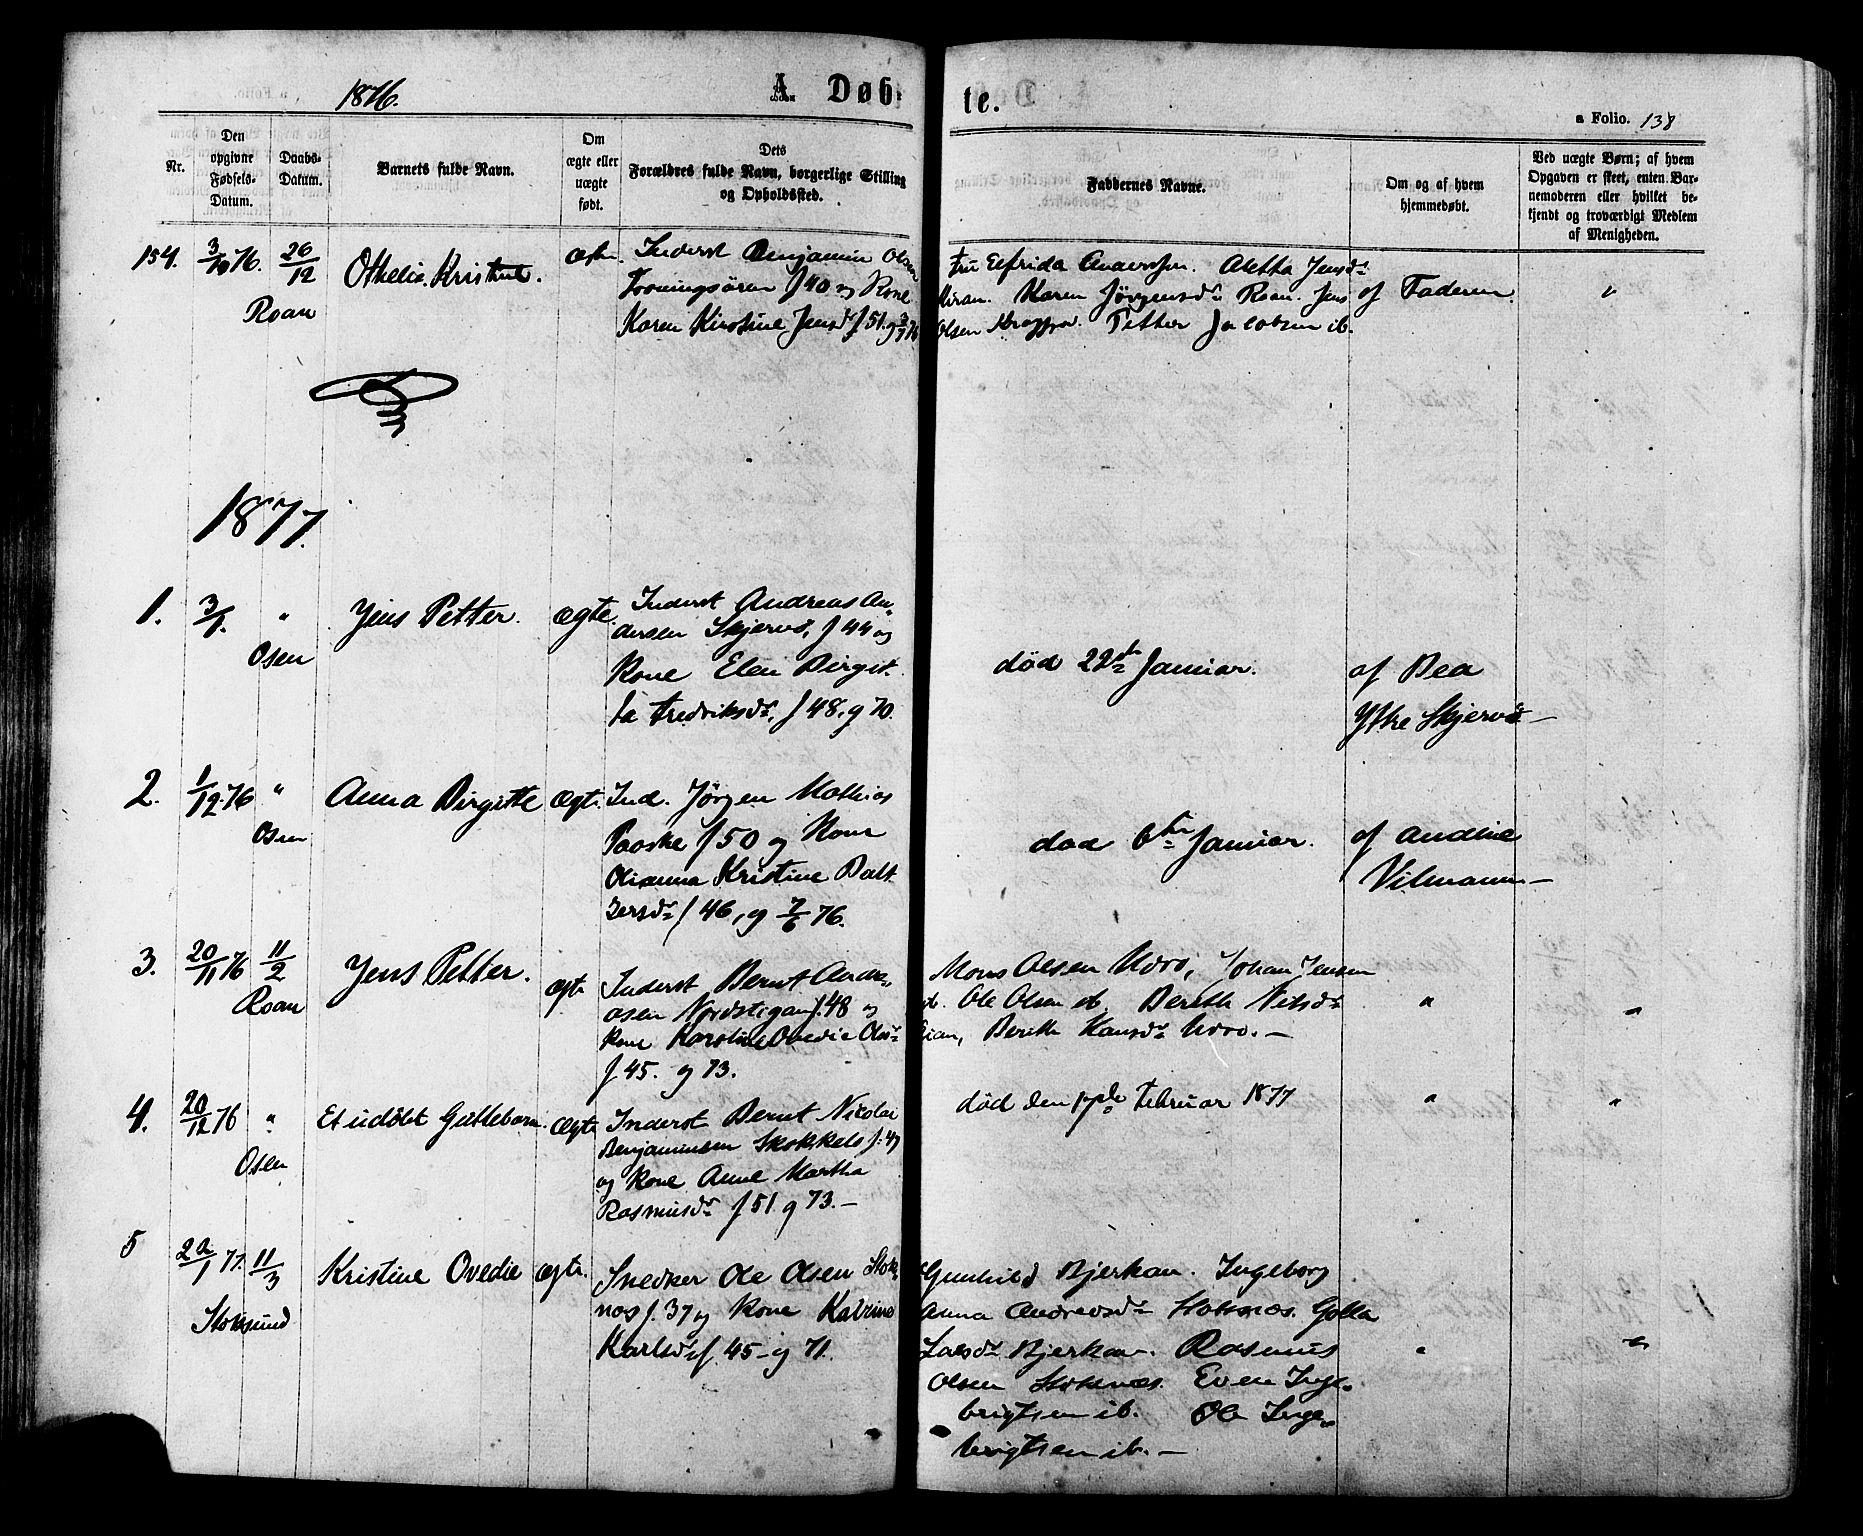 SAT, Ministerialprotokoller, klokkerbøker og fødselsregistre - Sør-Trøndelag, 657/L0706: Ministerialbok nr. 657A07, 1867-1878, s. 138